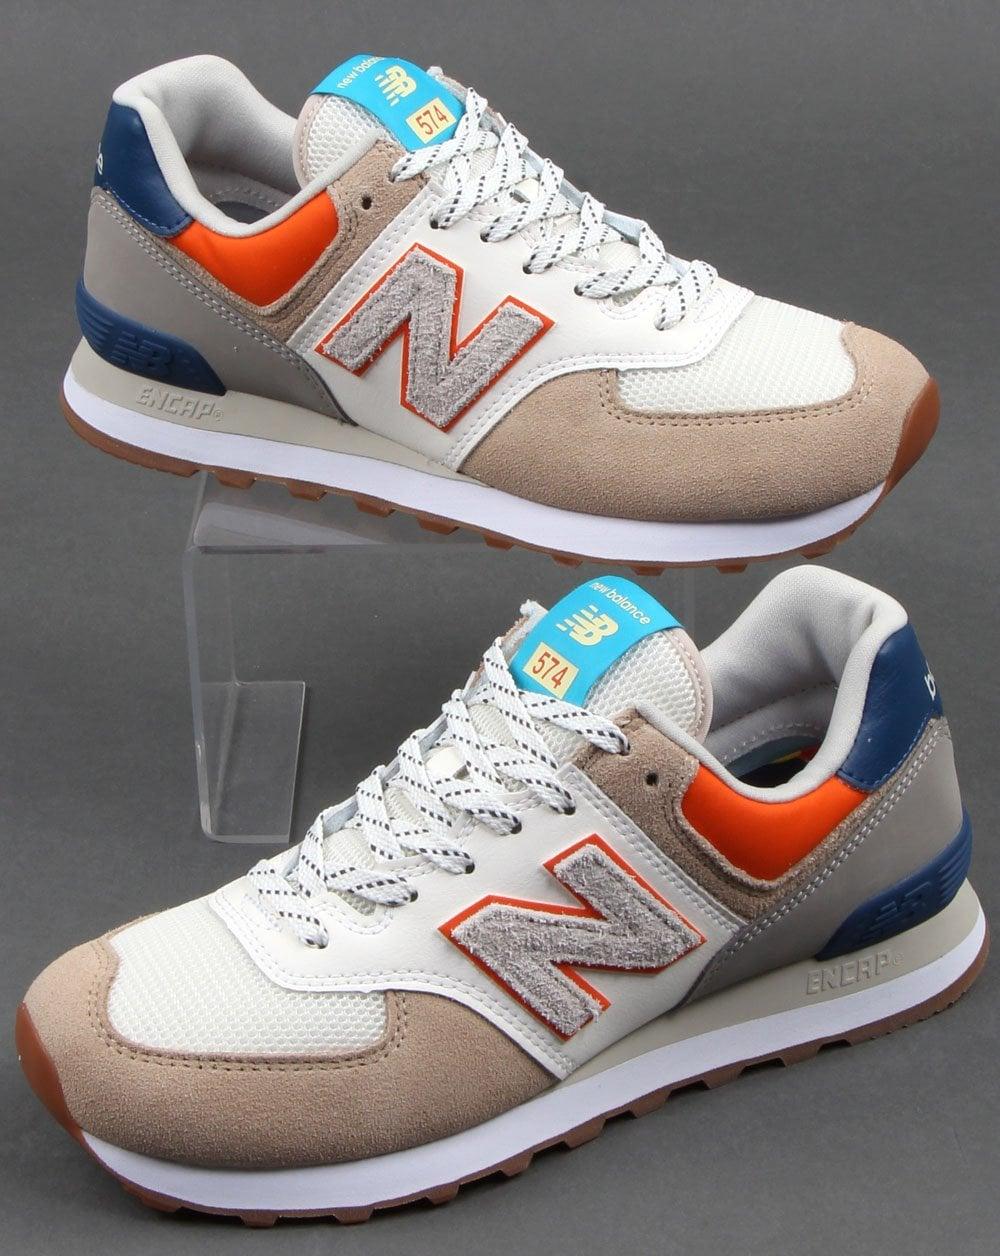 New Balance 574 Trainers White